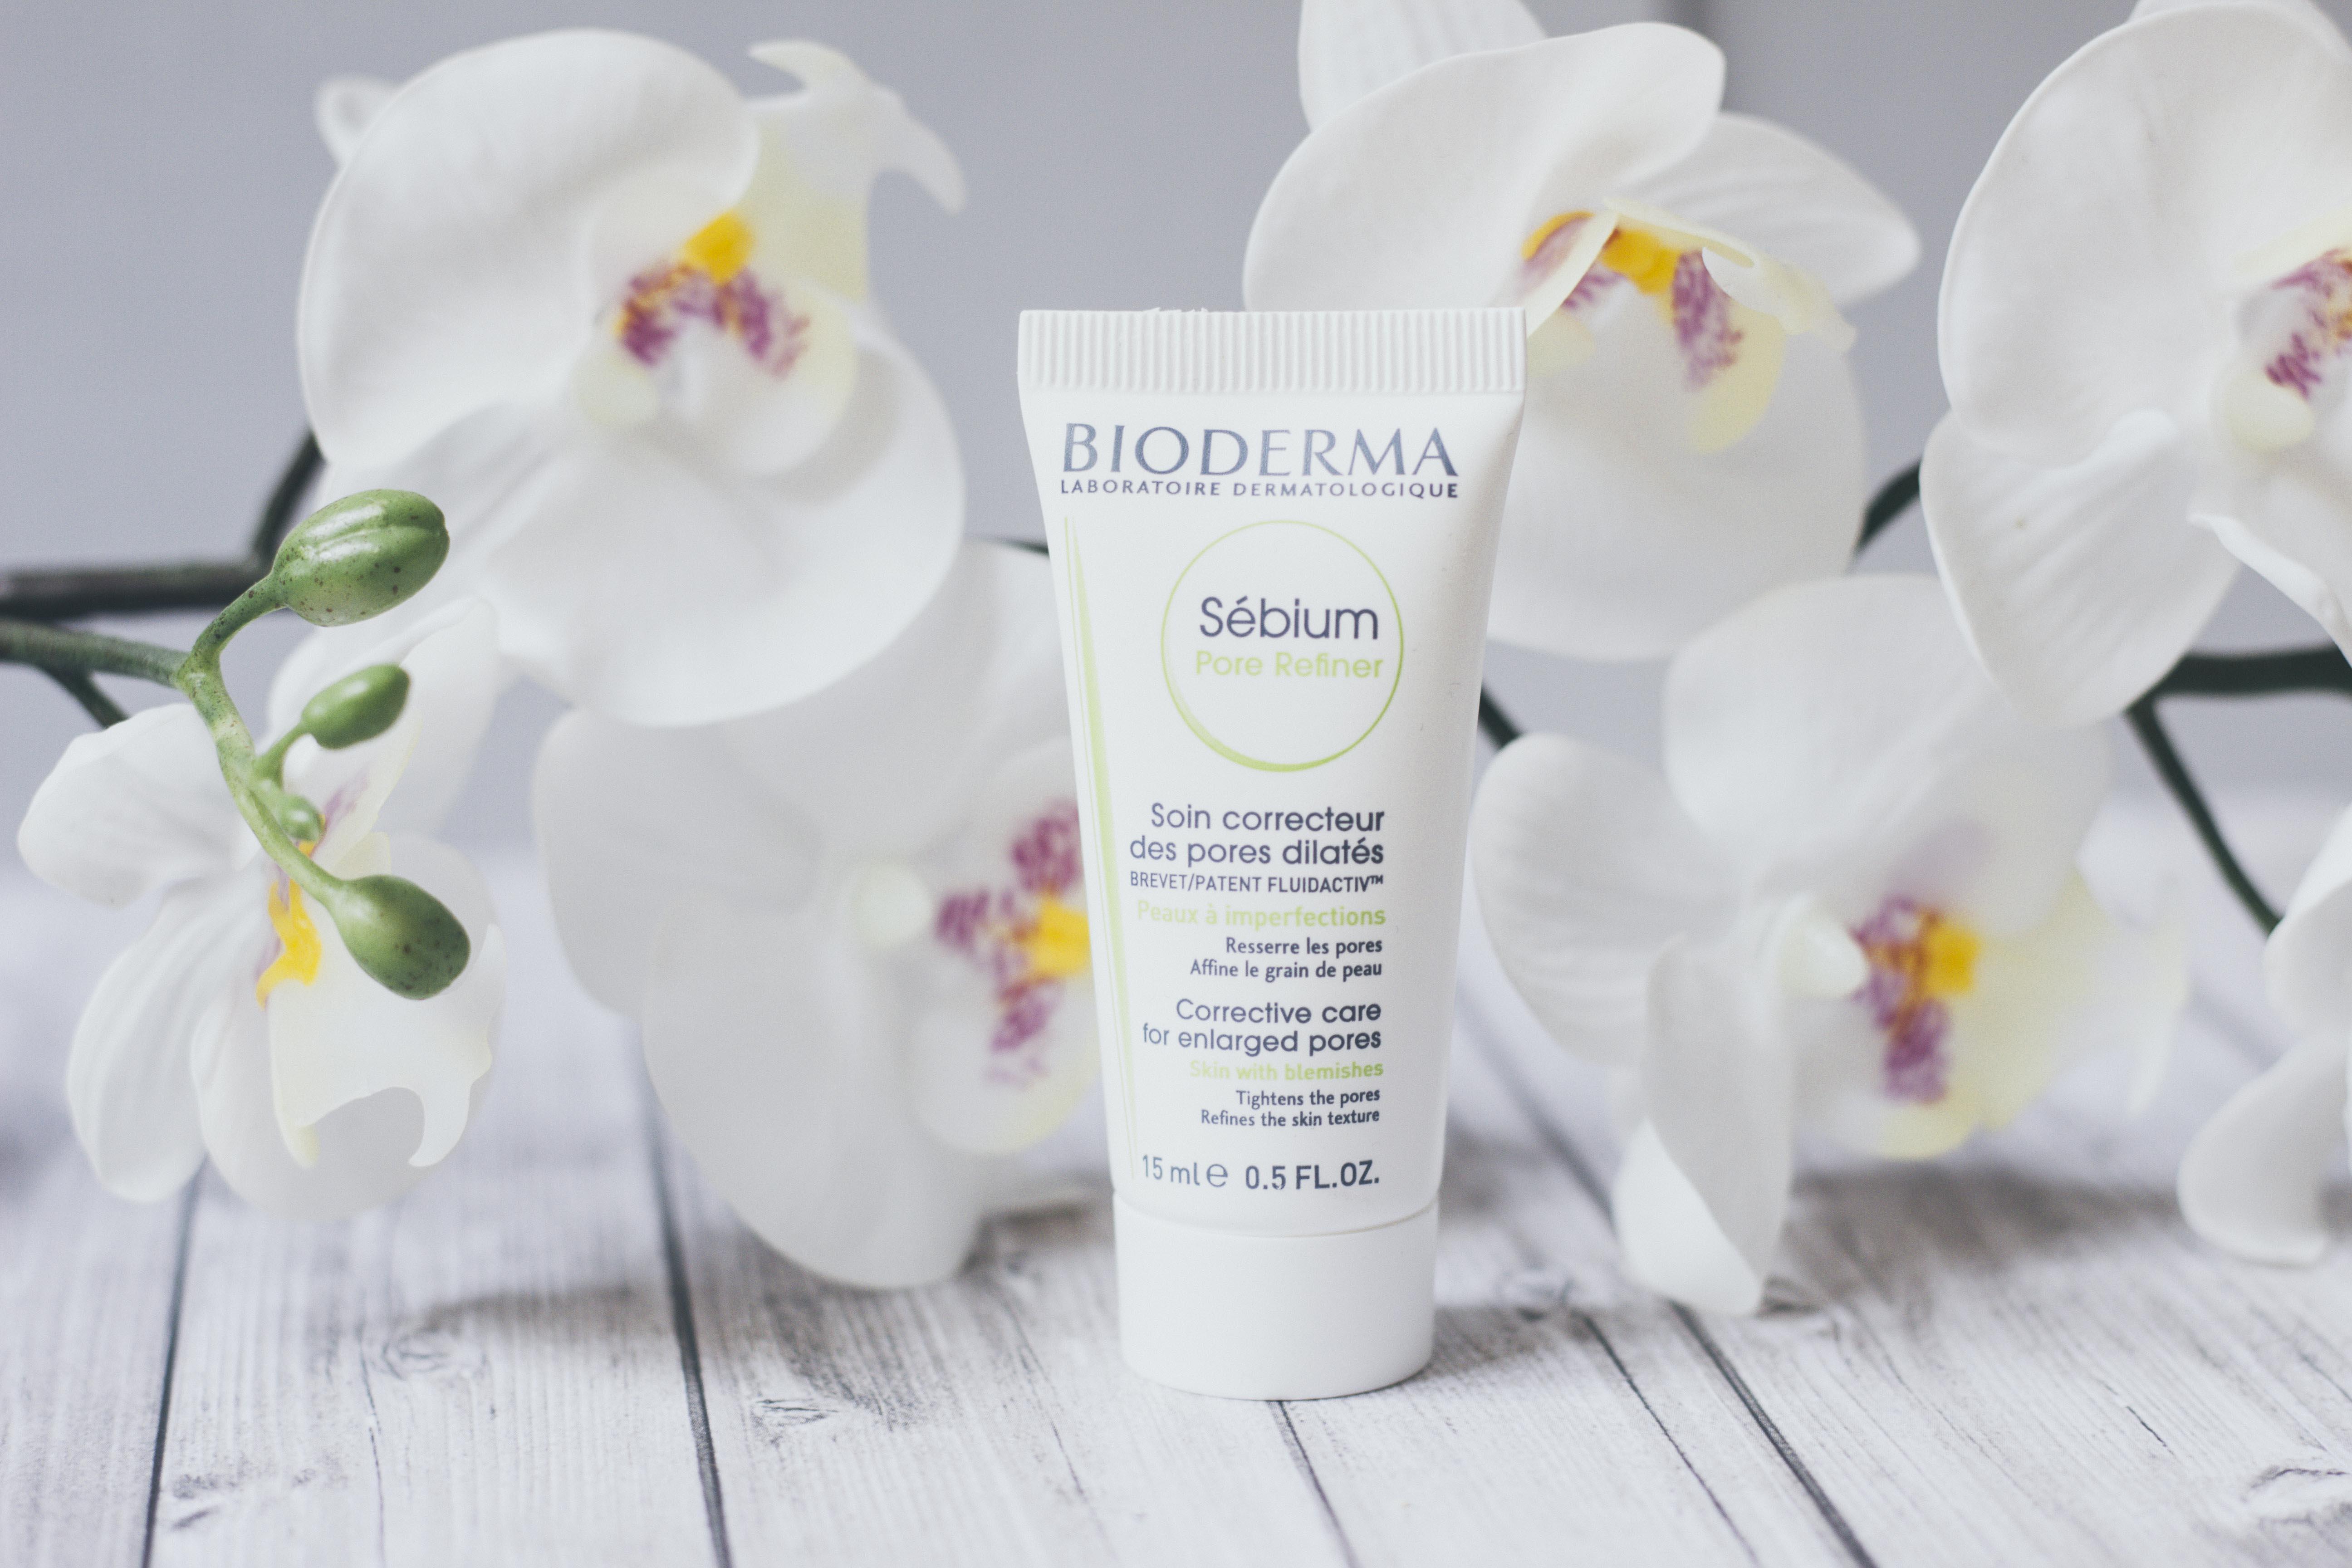 Crème Bioderma Sébium pore refiner